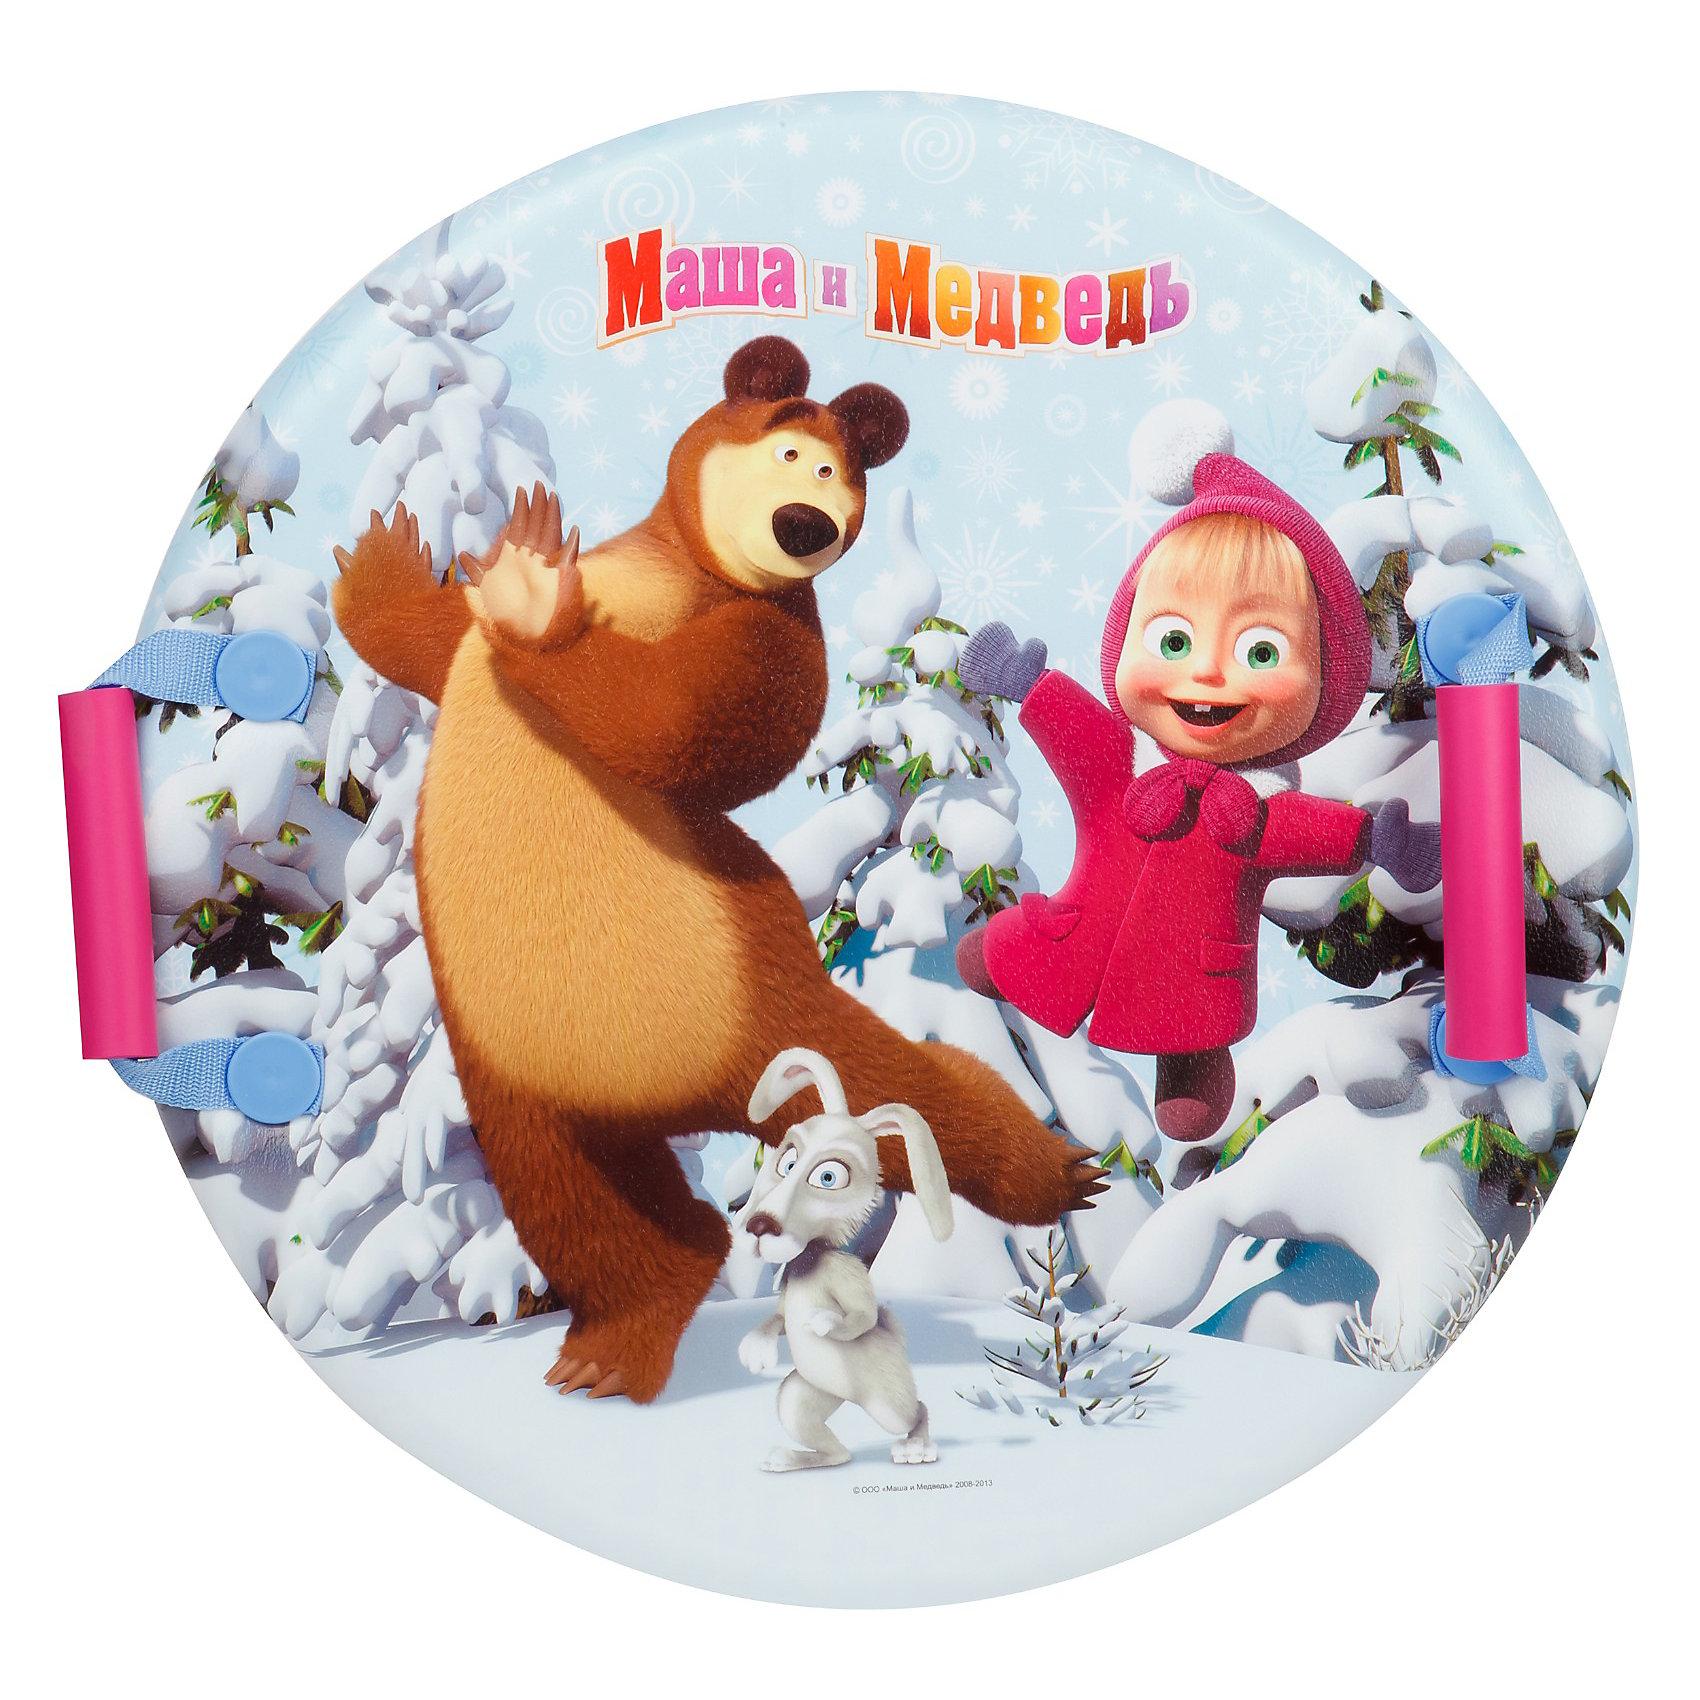 Ледянка с ручками Маша, Маша и медведьЛедянка с ручками Маша, Маша и медведь - замечательная ледянка, которая непременно порадует всех юных поклонников мультфильма Маша и медведь.<br><br>Выполненная в форме круга, она обеспечивает быстрое скольжение вниз, сопровождаемое  необыкновенным кручением для экстремальной езды. А ручки помогут удержаться и не упасть.<br><br>Дополнительная информация:<br><br>- Диаметр 53см.<br>- Снабжена ручками.<br>- Материал: вспененный полимерный материал.<br><br>Ледянку с ручками Маша, Маша и медведь можно купить в нашем интернет-магазине.<br><br>Ширина мм: 530<br>Глубина мм: 530<br>Высота мм: 30<br>Вес г: 470<br>Возраст от месяцев: 60<br>Возраст до месяцев: 1188<br>Пол: Унисекс<br>Возраст: Детский<br>SKU: 3306295